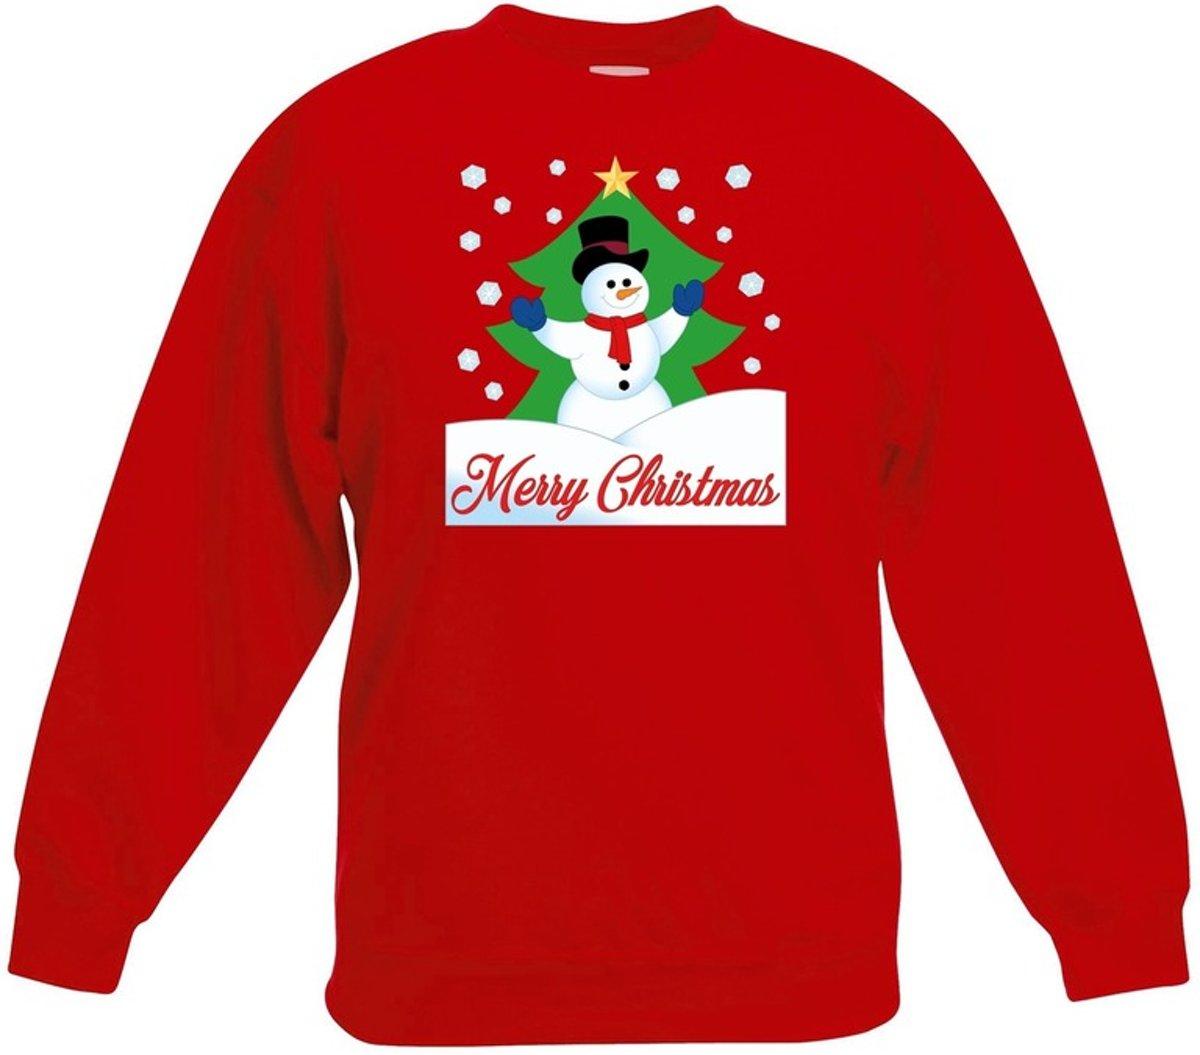 Rode kersttrui sneeuwpop voor kerstboom voor jongens en meisjes - Kerstruien kind 12-13 jaar (152/164) kopen